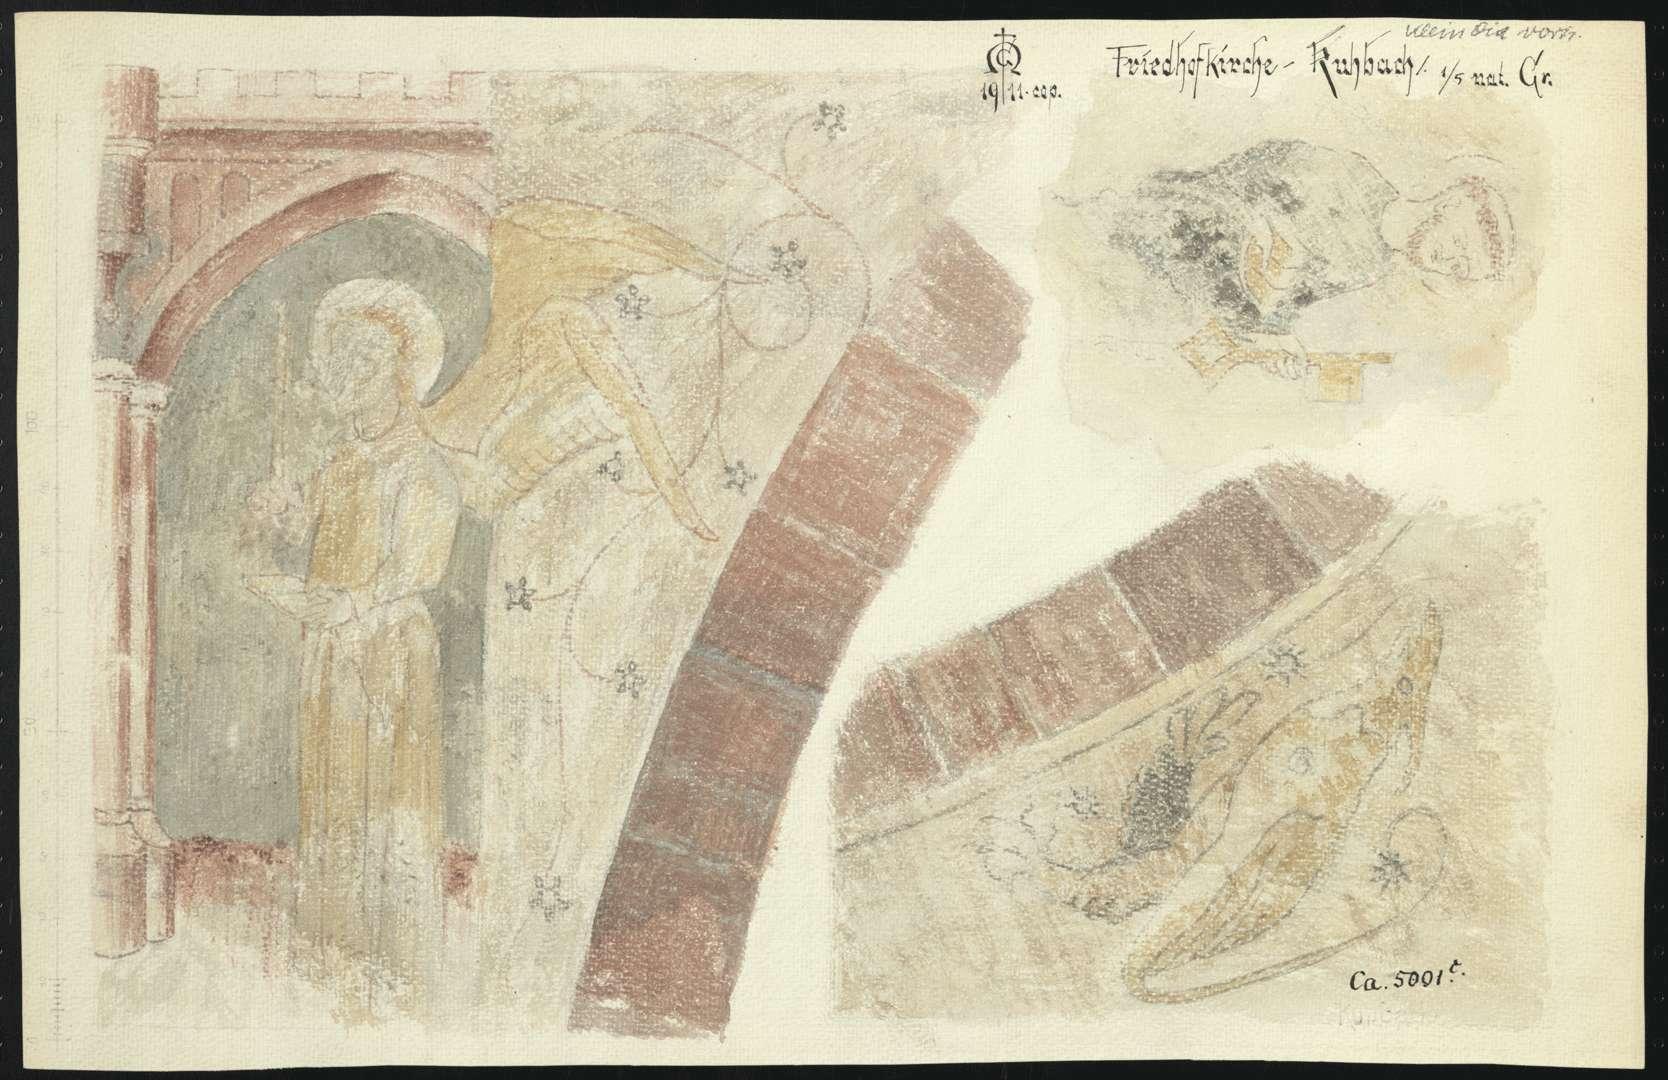 Kuhbach Galluskirche (Friedhofkirche Kuhbach) Darstellung des Erzengel Gabriel (Verkündigungsszene), Mönch mit Schlüssel, Ornamente und Tier an Tür- oder Fensterbogen, Bild 1